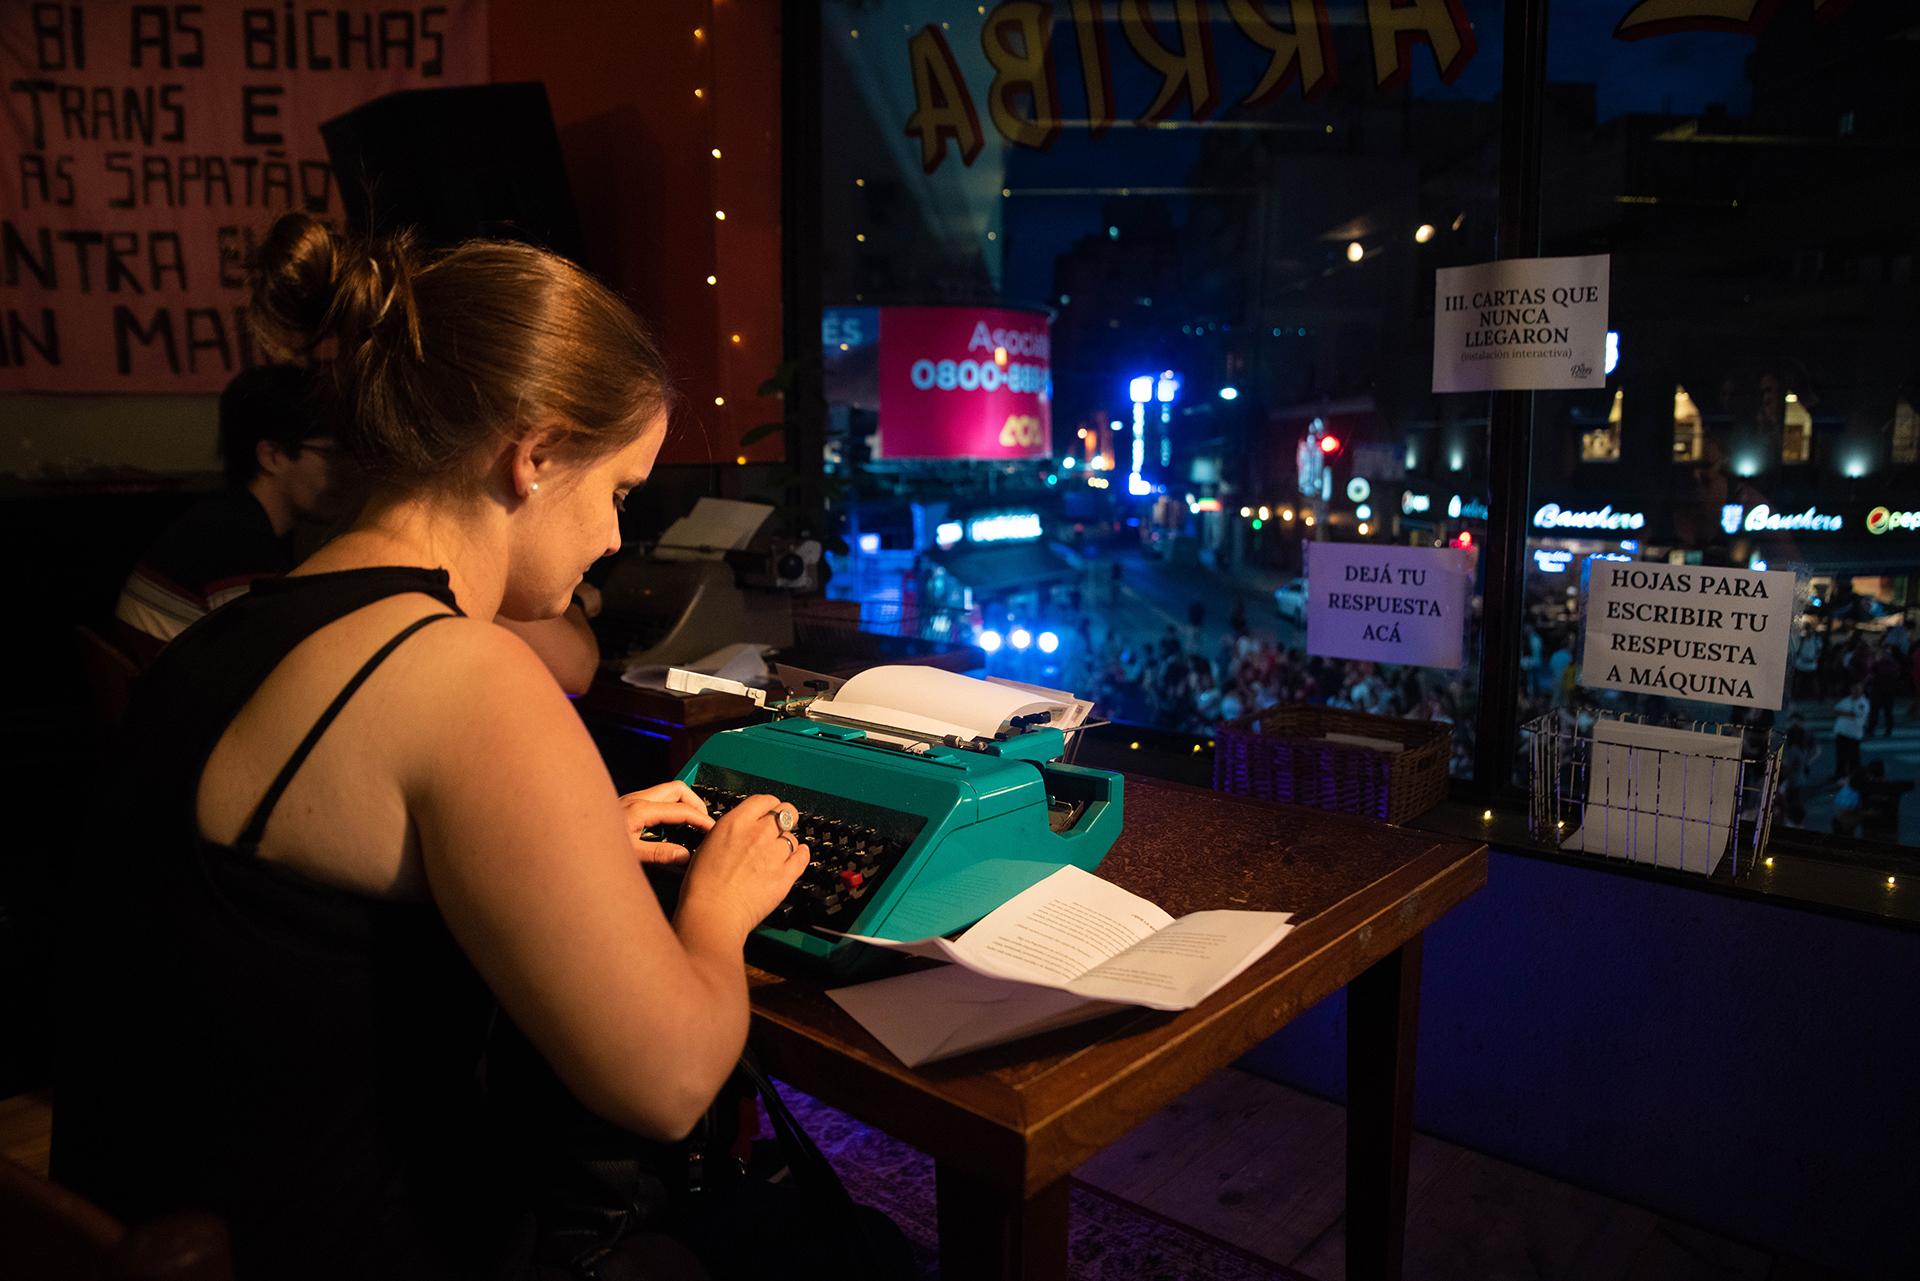 Una de las ofertas culturales de la noche: la gente podía sentarse a redactar en una vieja máquina de escribir.